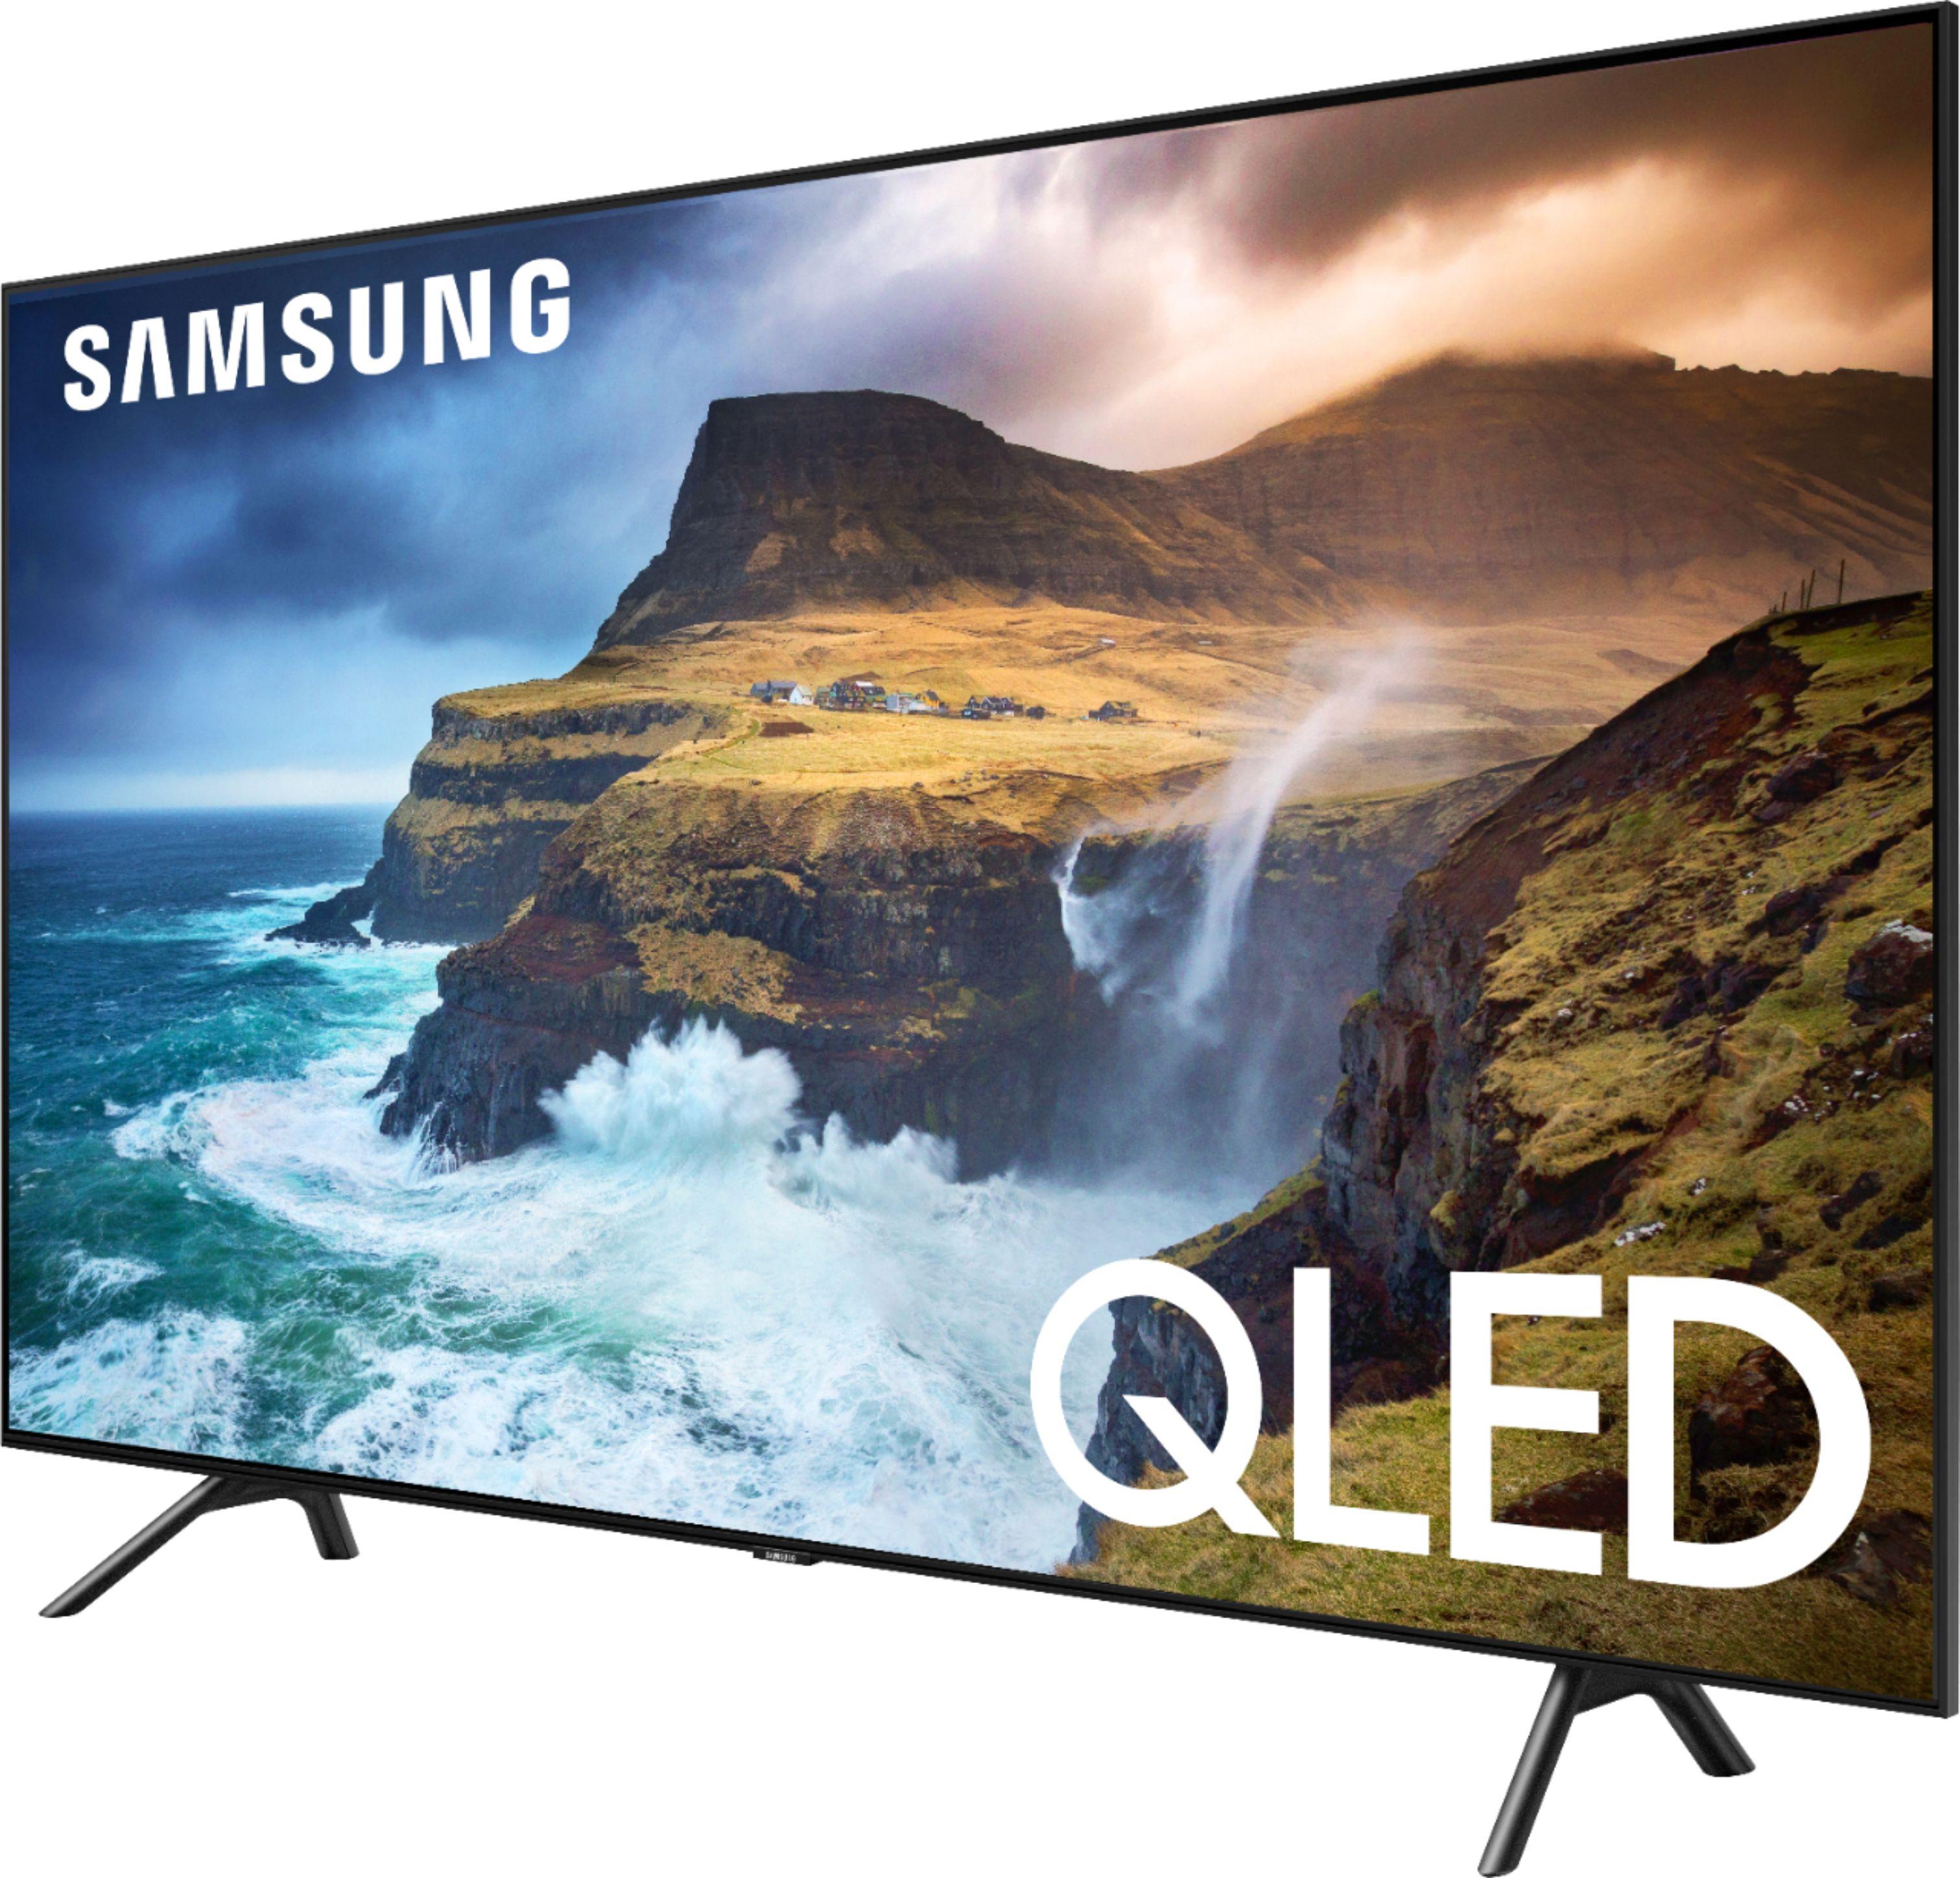 samsung 65 class q70 series led 4k uhd smart tizen tv